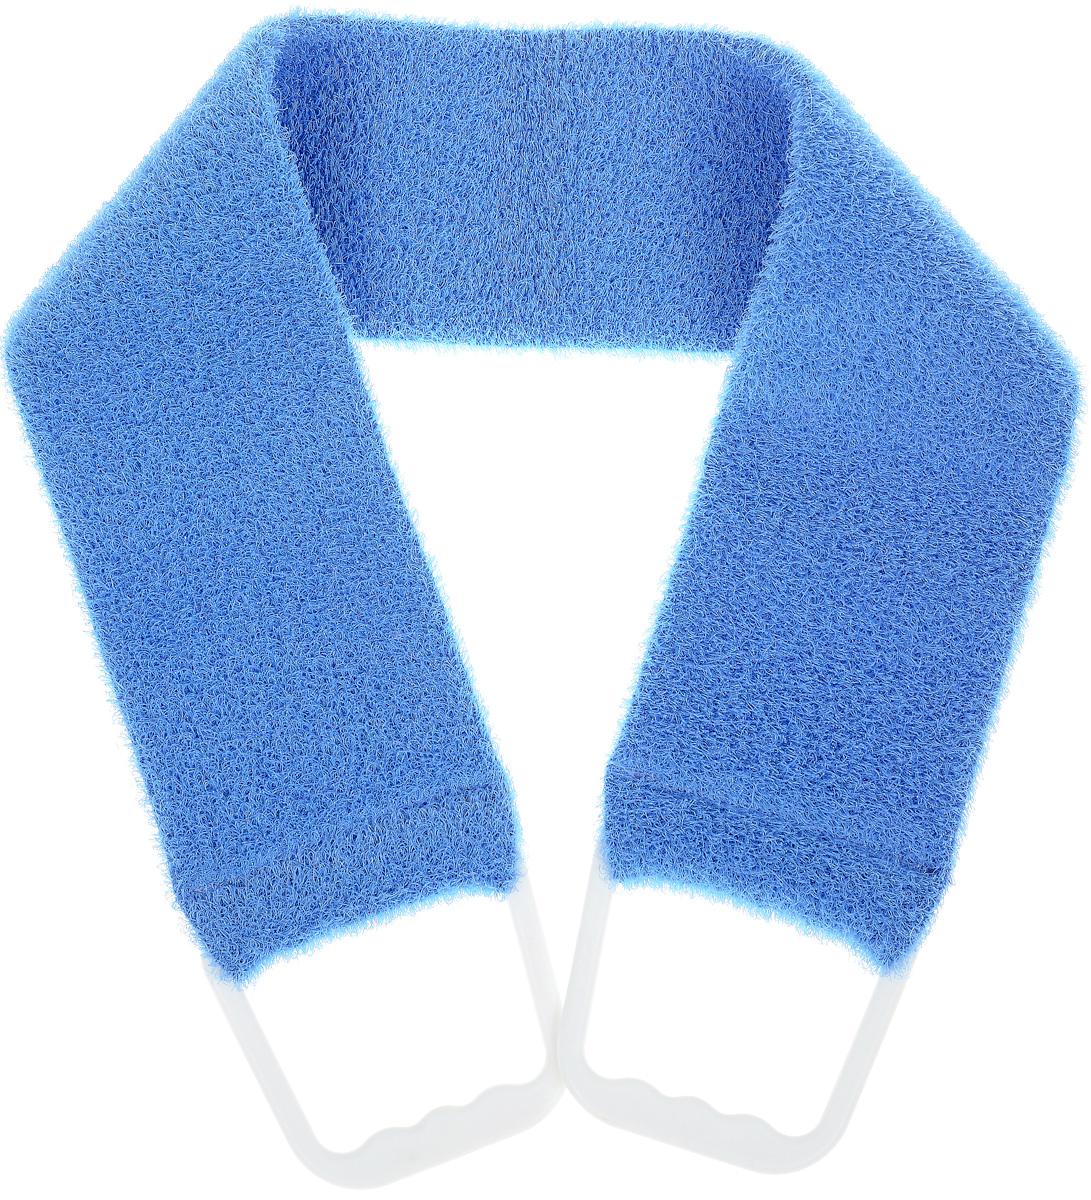 Riffi Мочалка-пояс, массажная, жесткая, цвет: синий5010777139655Riffi Мочалка-пояс, массажная, жесткая, цвет: синий